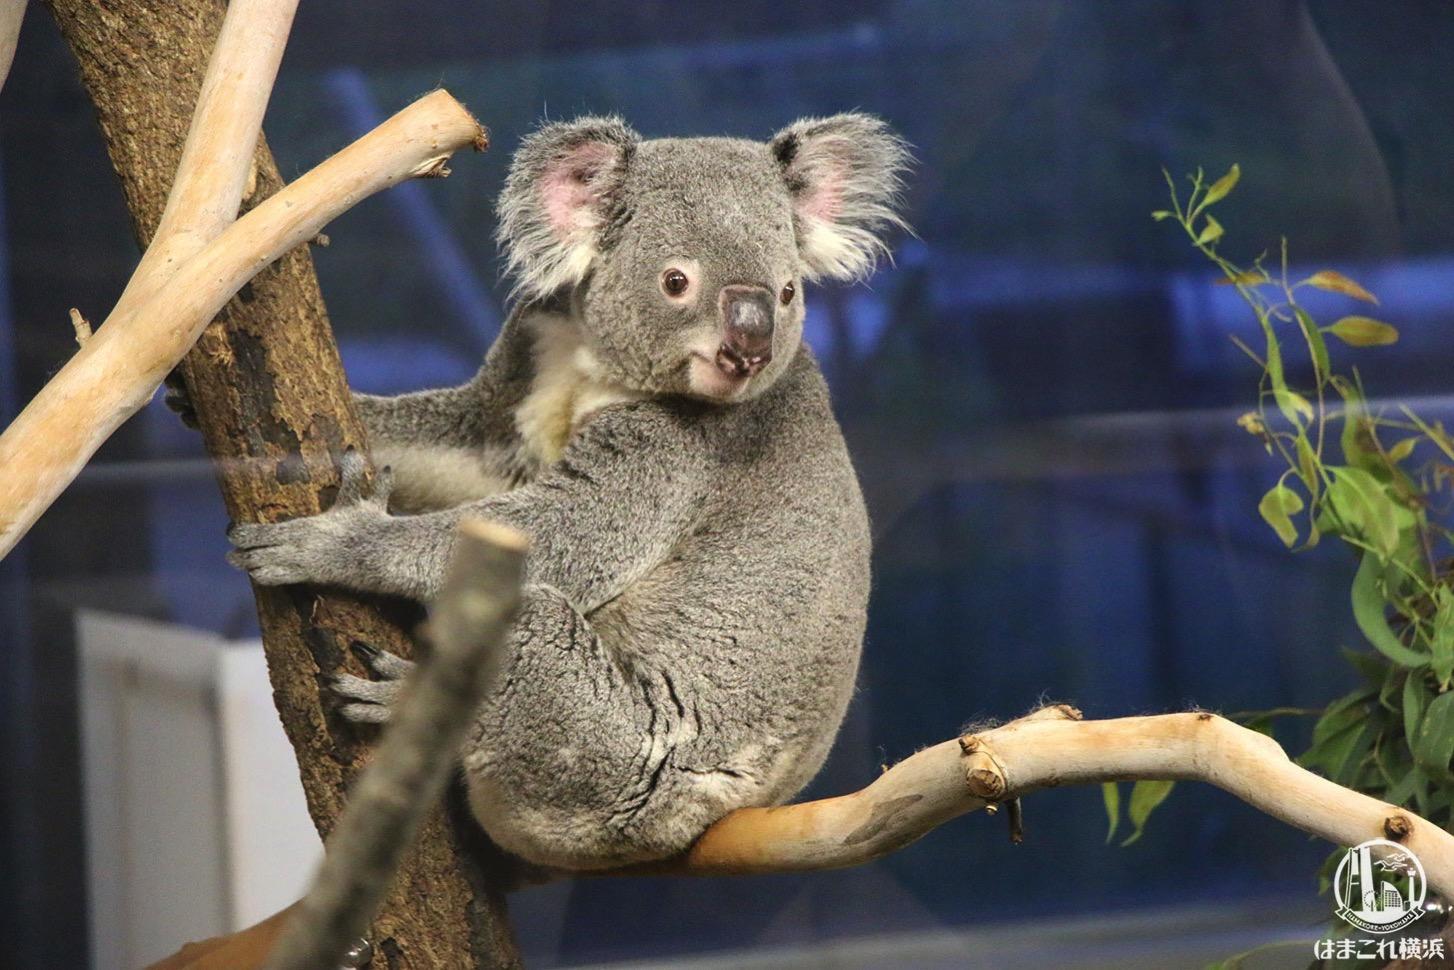 横浜「金沢動物園」ナイトズーのコアラが走り回る姿が超絶かわいい!夏イベ最高